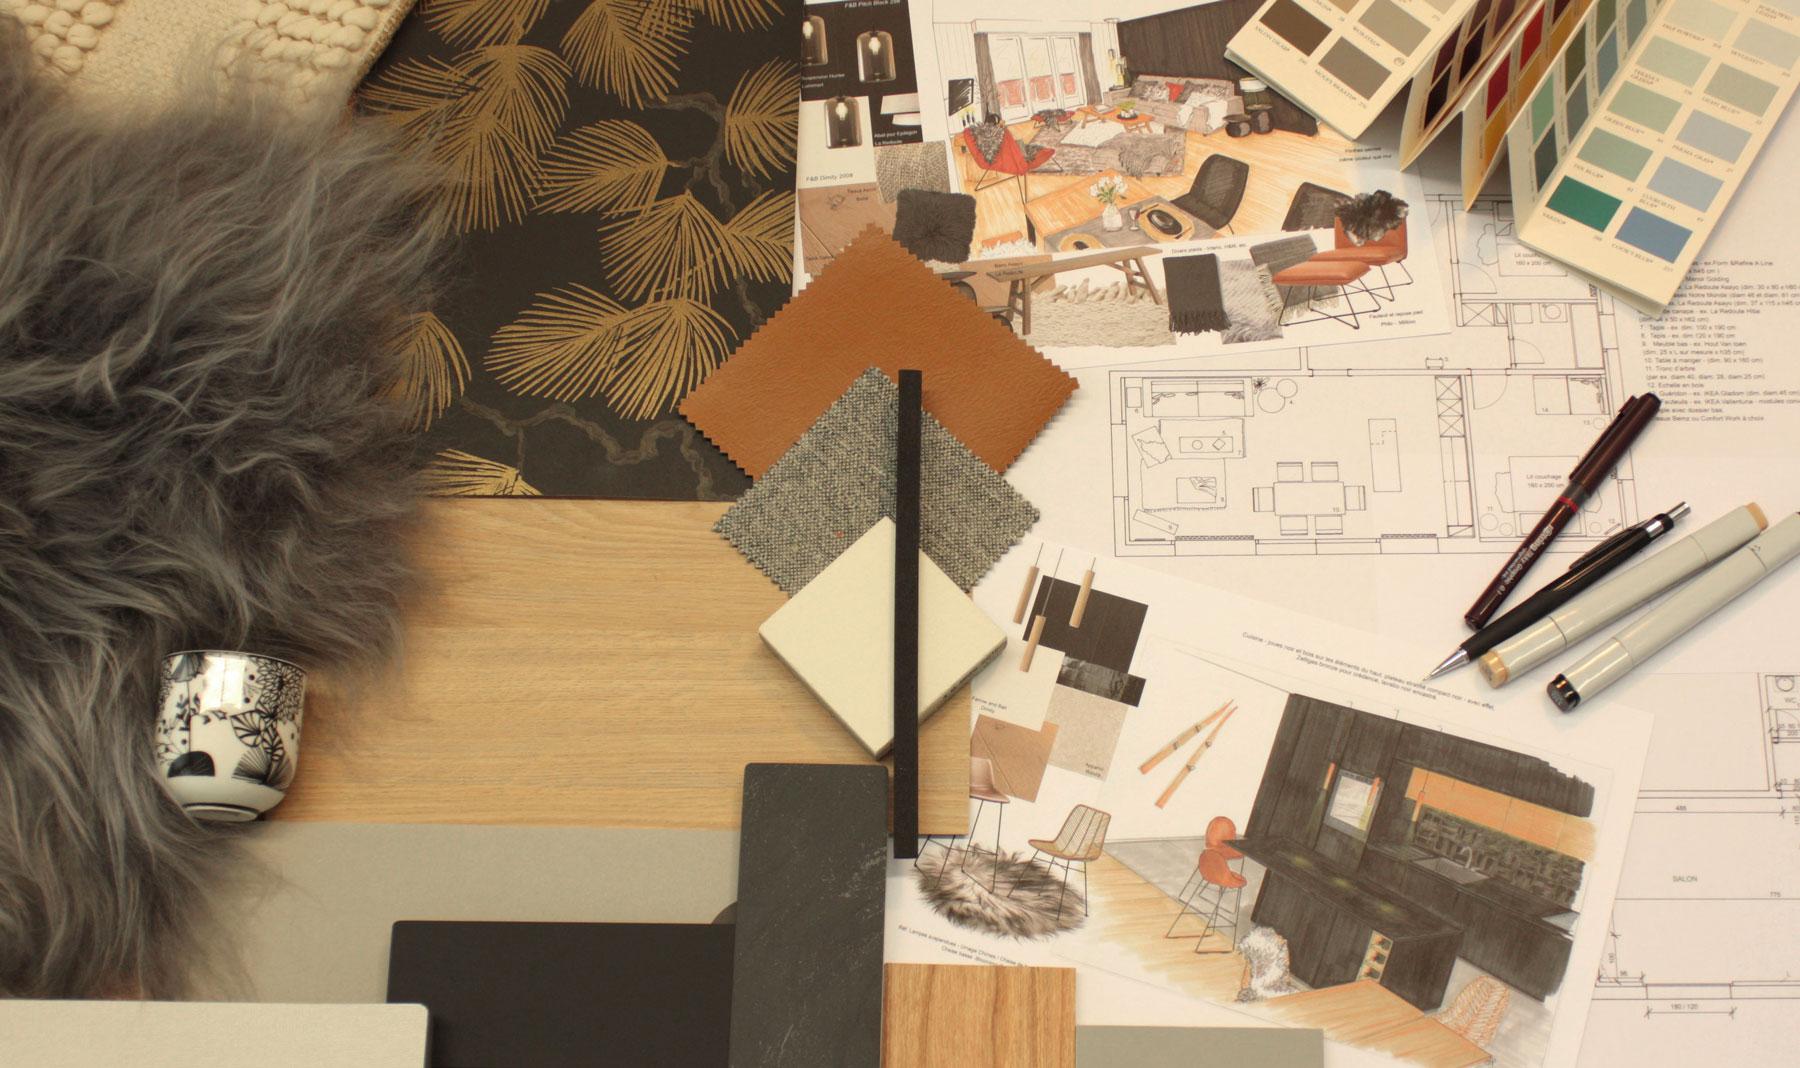 cdlp design interieur, interior designer, architecture interieur, decoration interieur, mon travail, work process